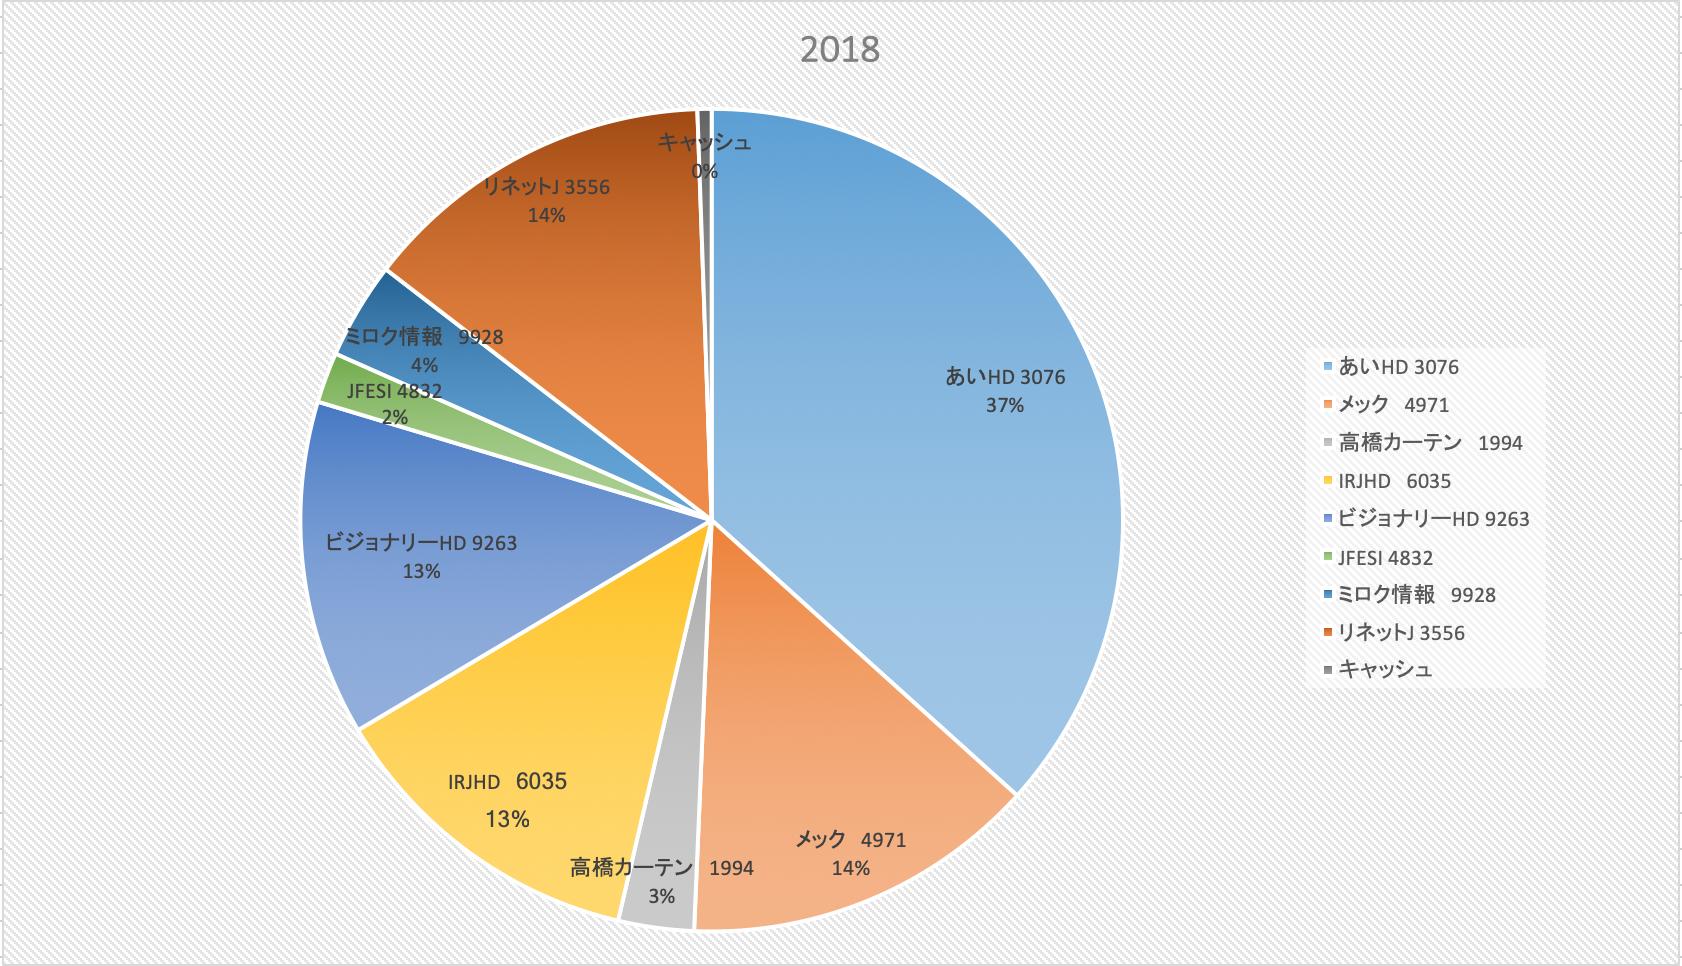 ジンギスカン羊はヨガマスターになる夢を見ない(株式投資成績報告2018/12/7)